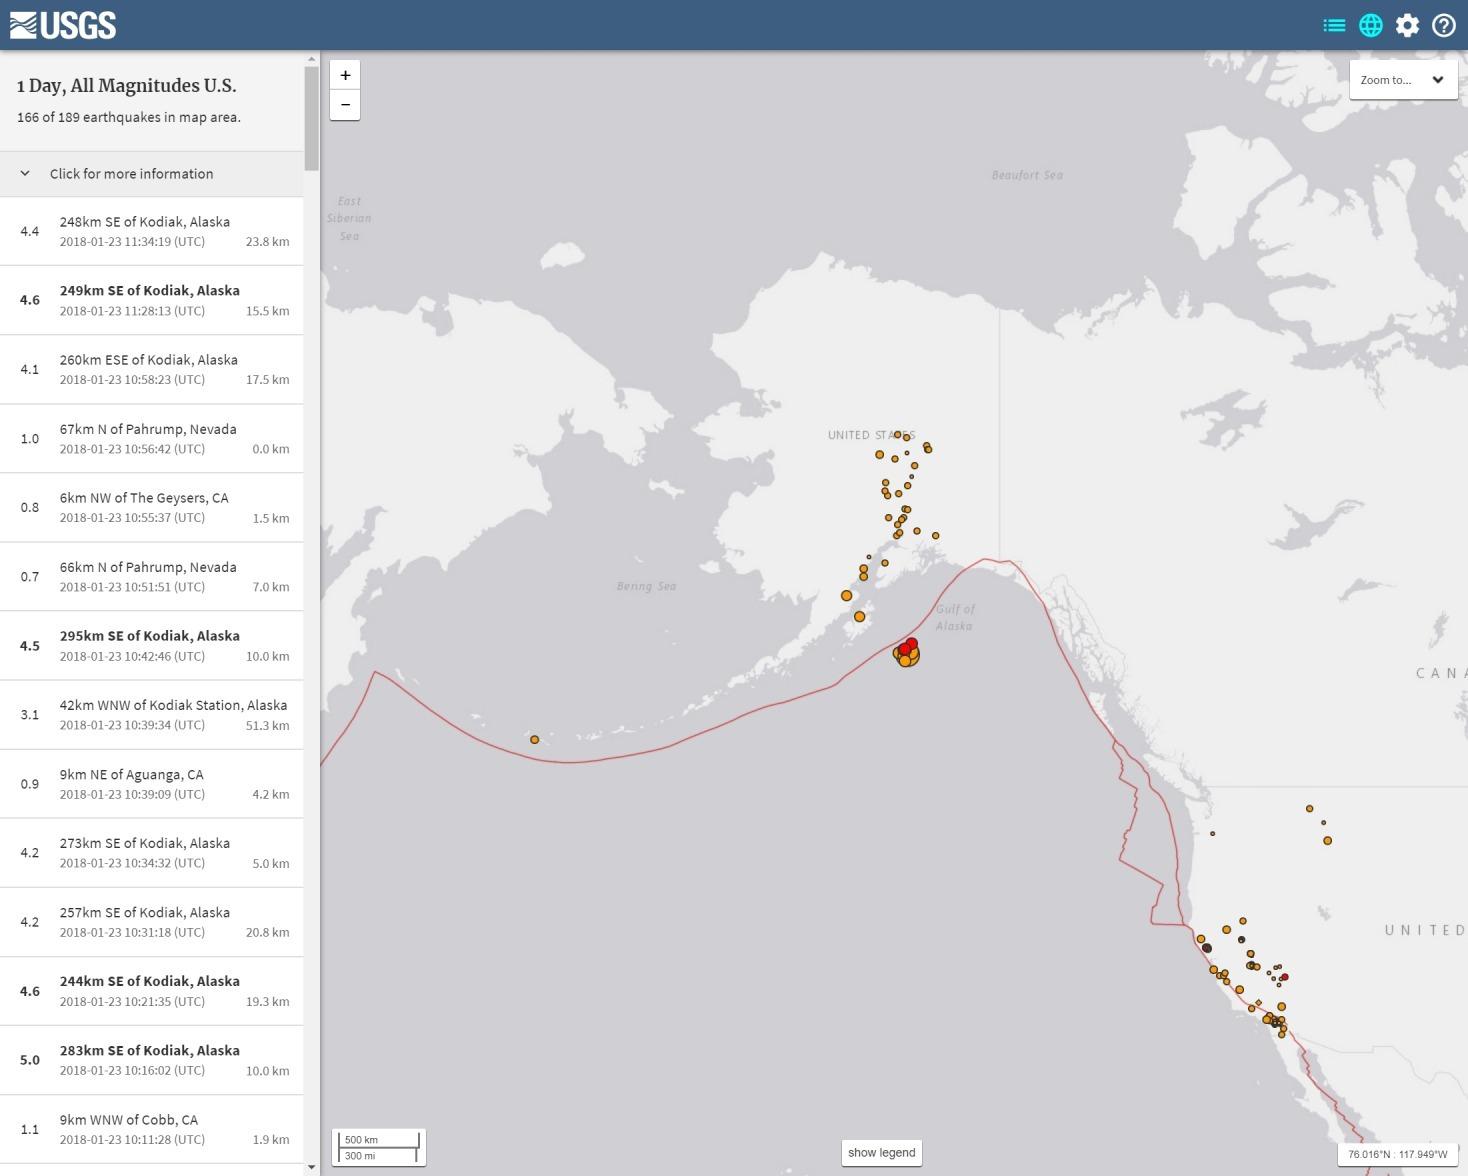 【海底】アラスカでM7.9の大地震が発生…現在も「M4」クラスの地震が続く